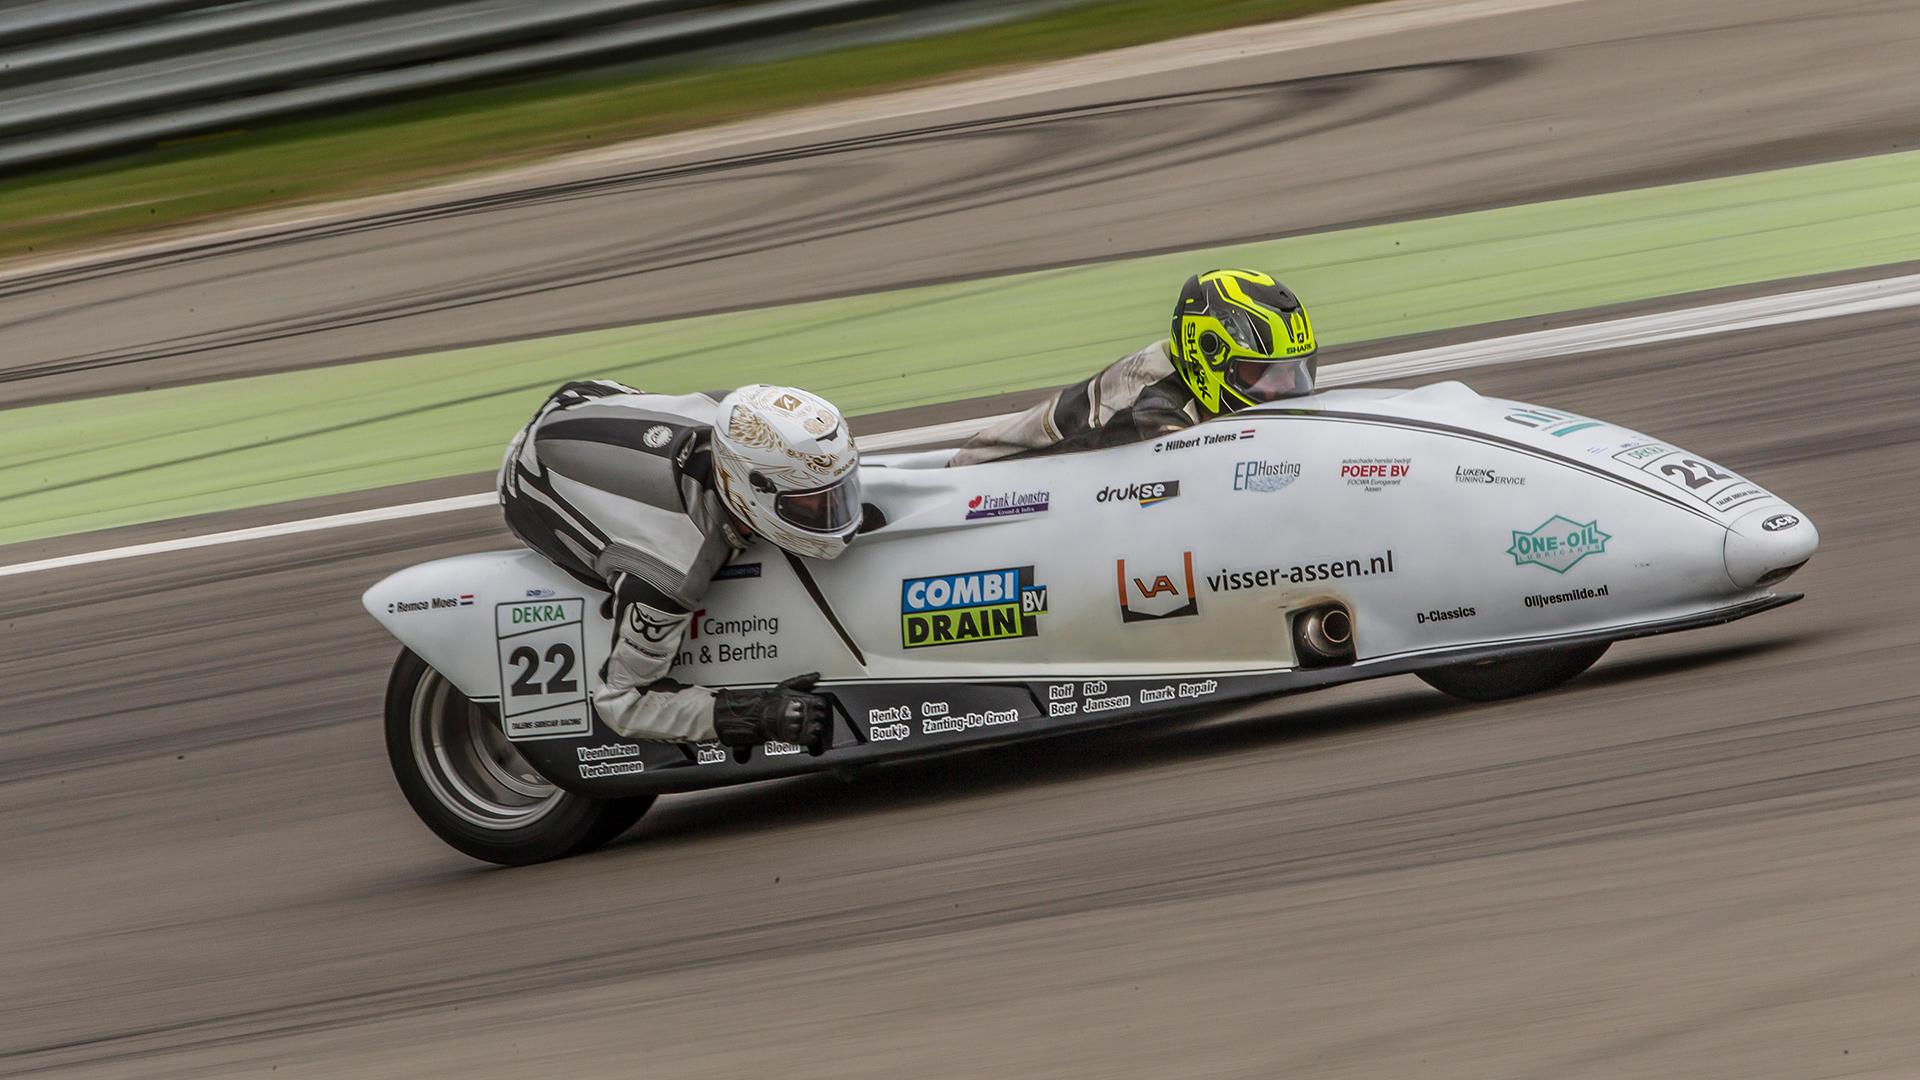 Bilder vom 1. und 2. Freien Training der IDM Sidecar in Assen 2017.